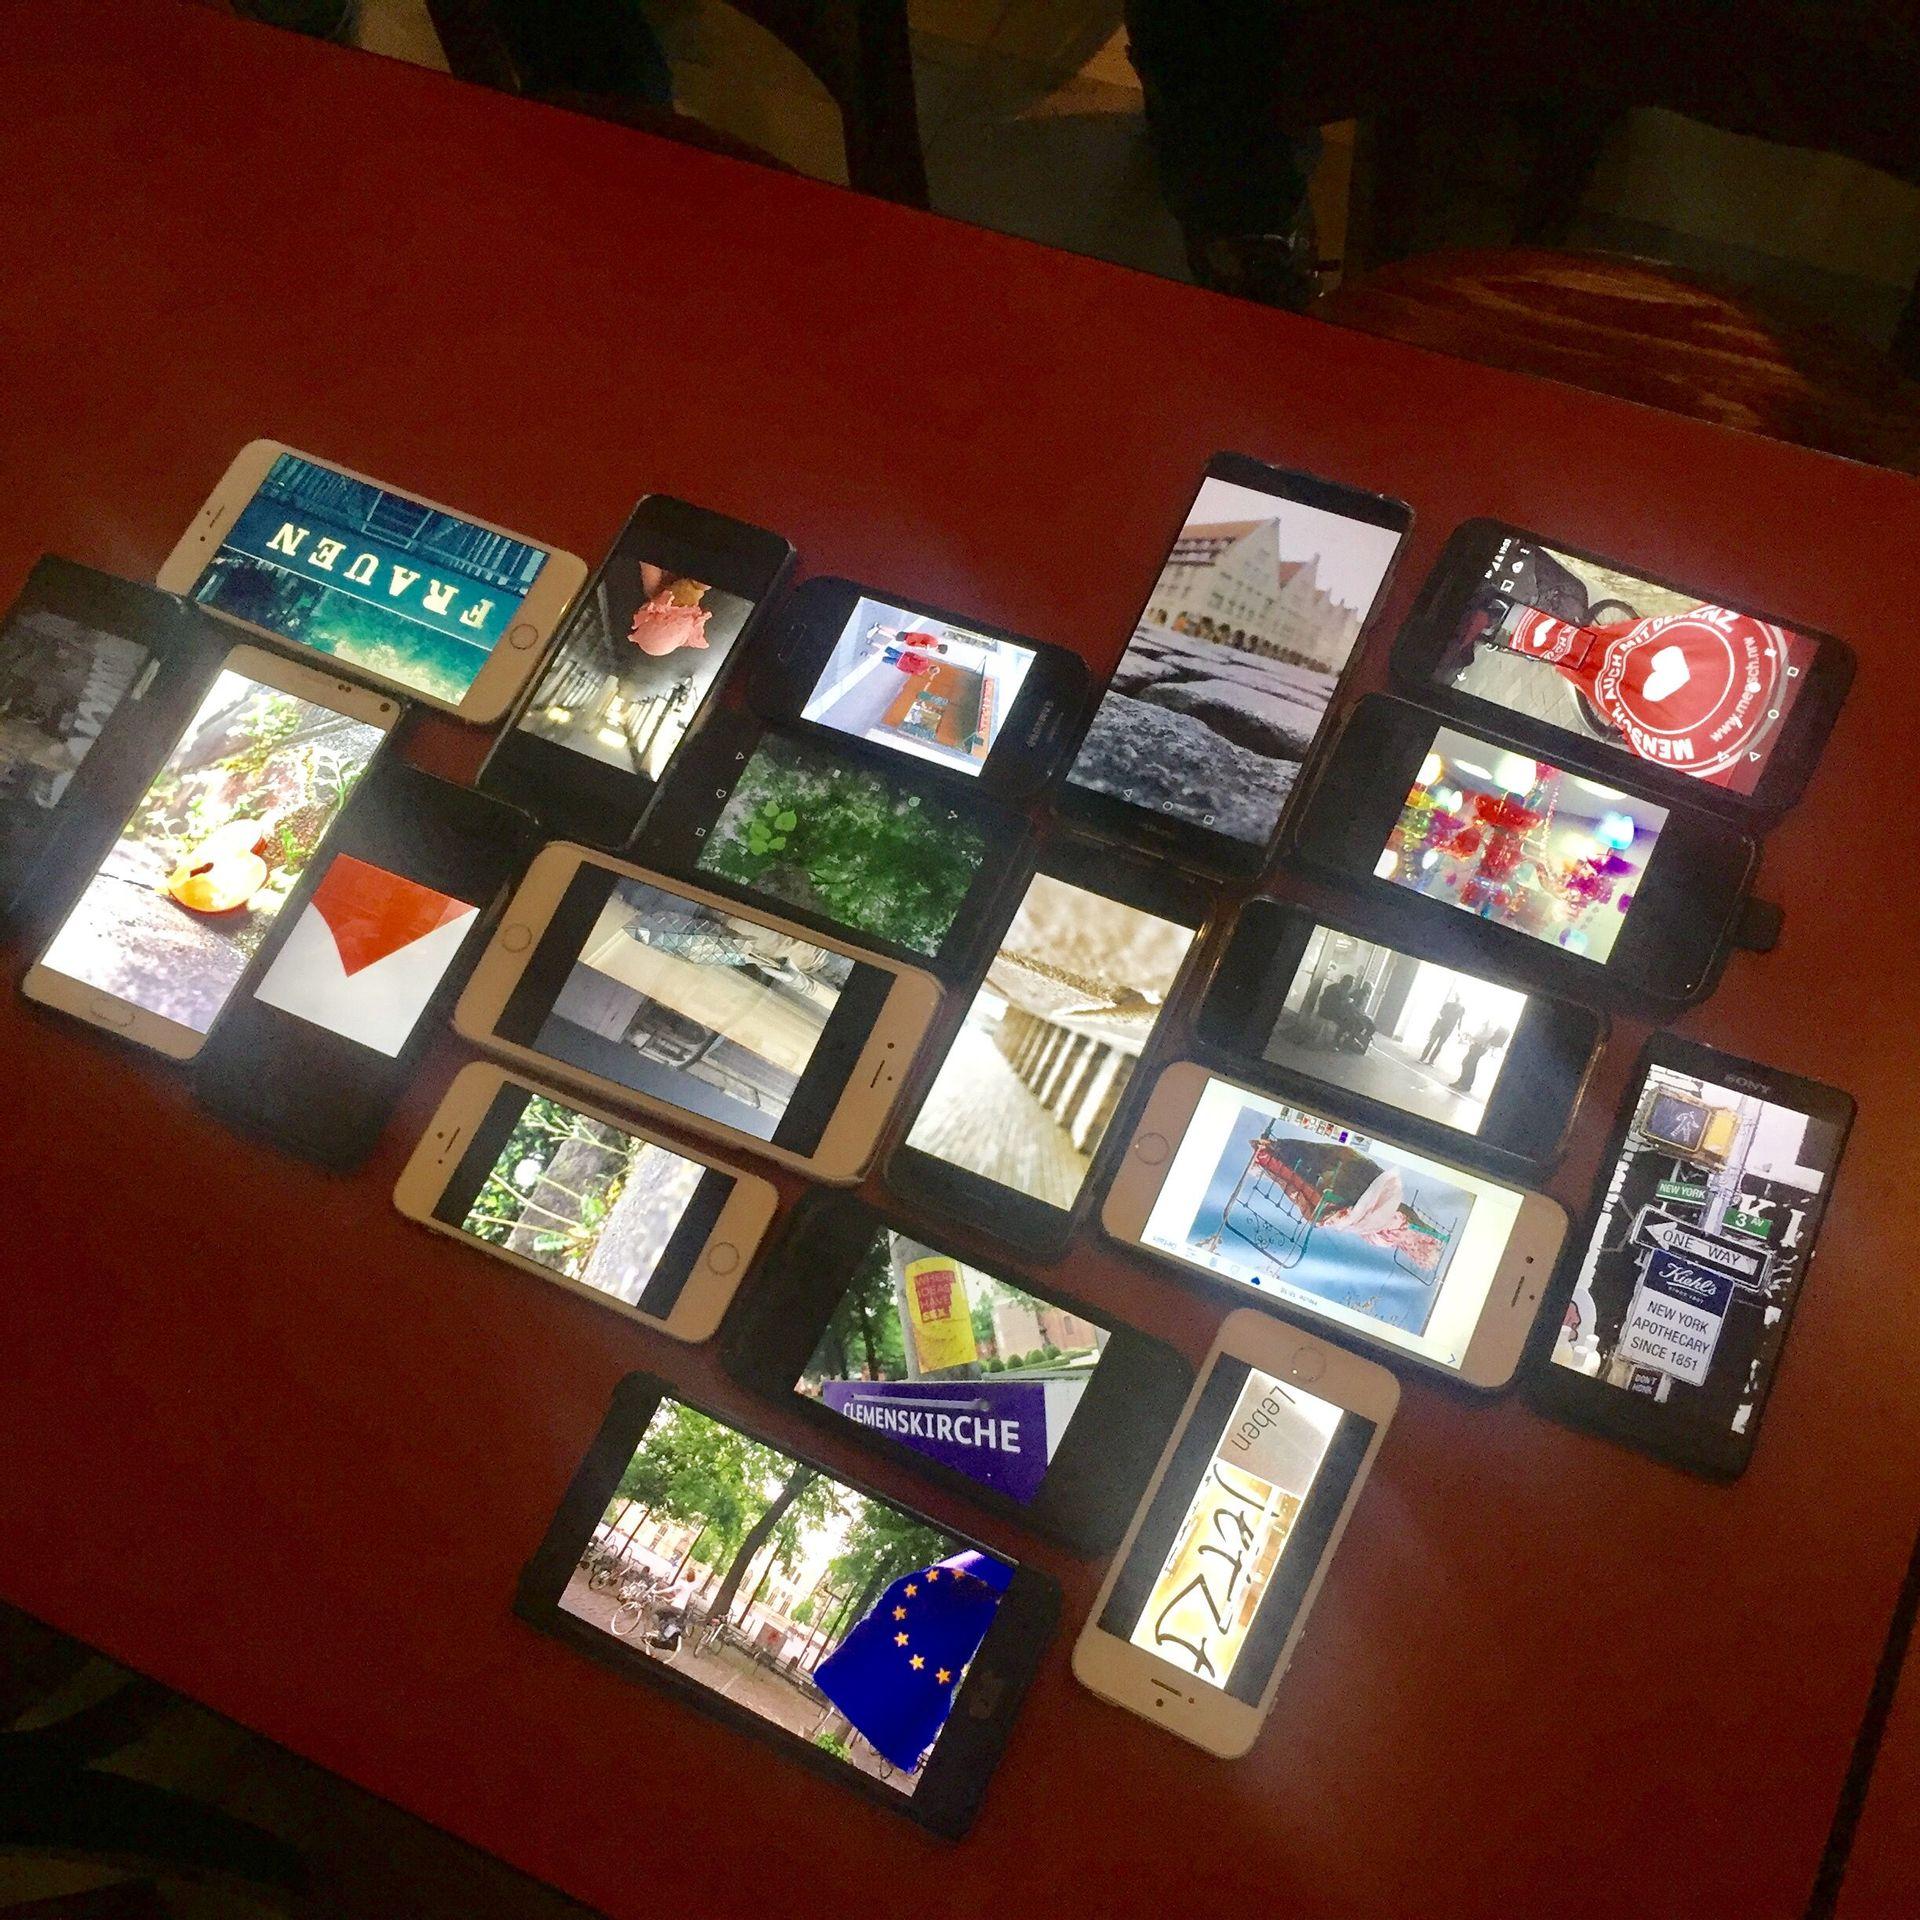 Unsere Produkte - Shop | Intradus.digital